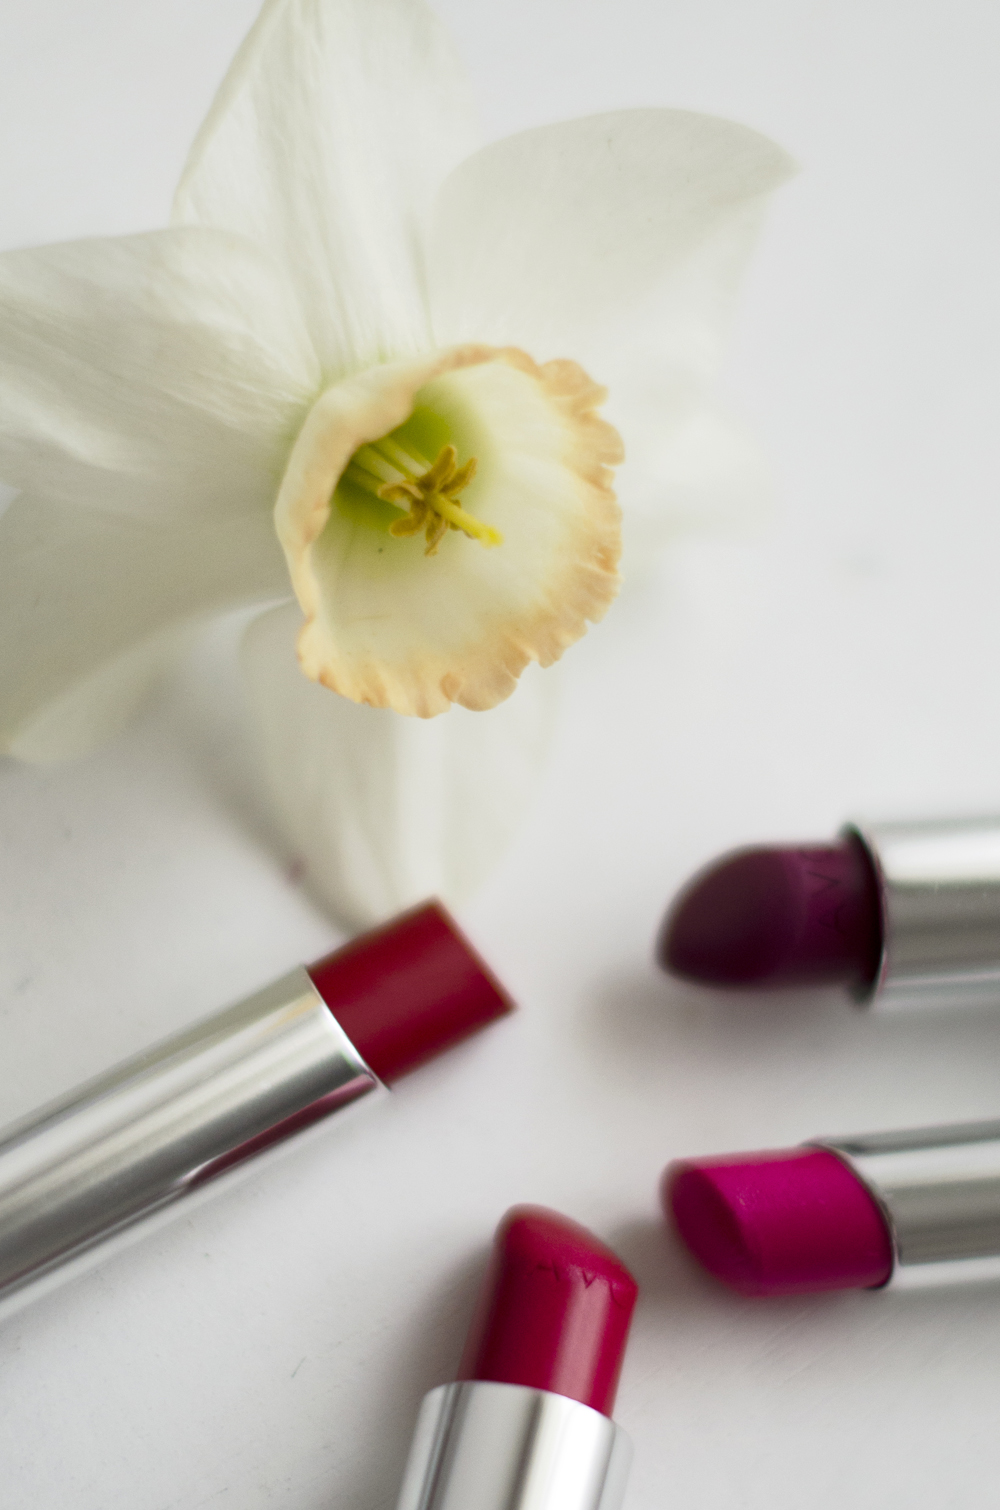 avon cosmetici | concorso avon | rossetti avon |scegliere il rossetto perfetto